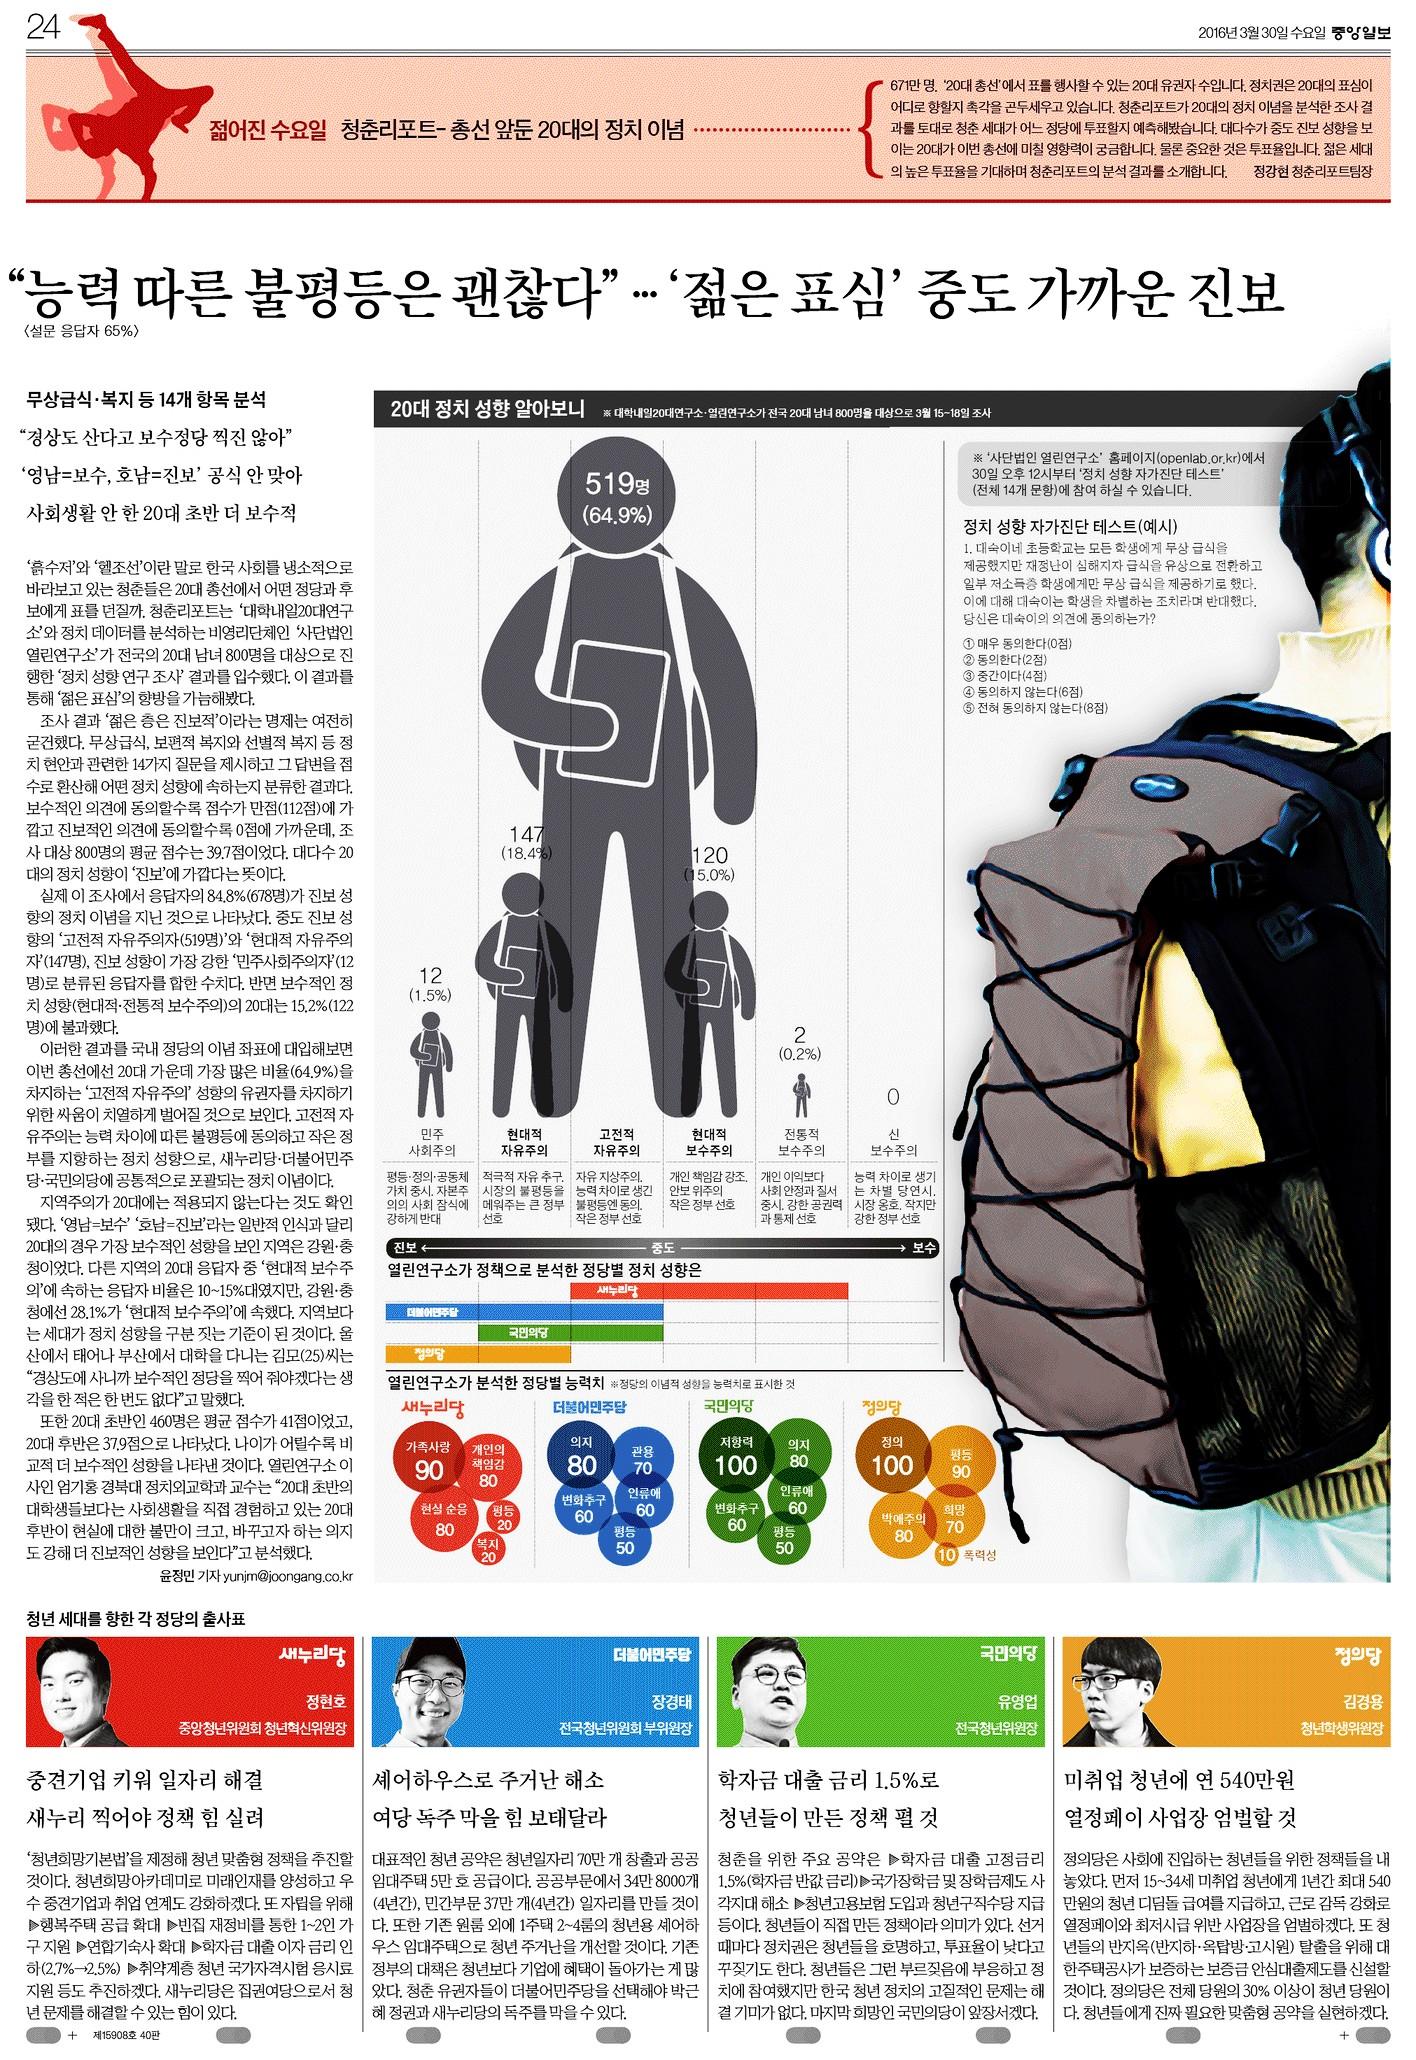 [피칭]20대를 위한 정치 이유식 캠페인_중앙일보_20160330